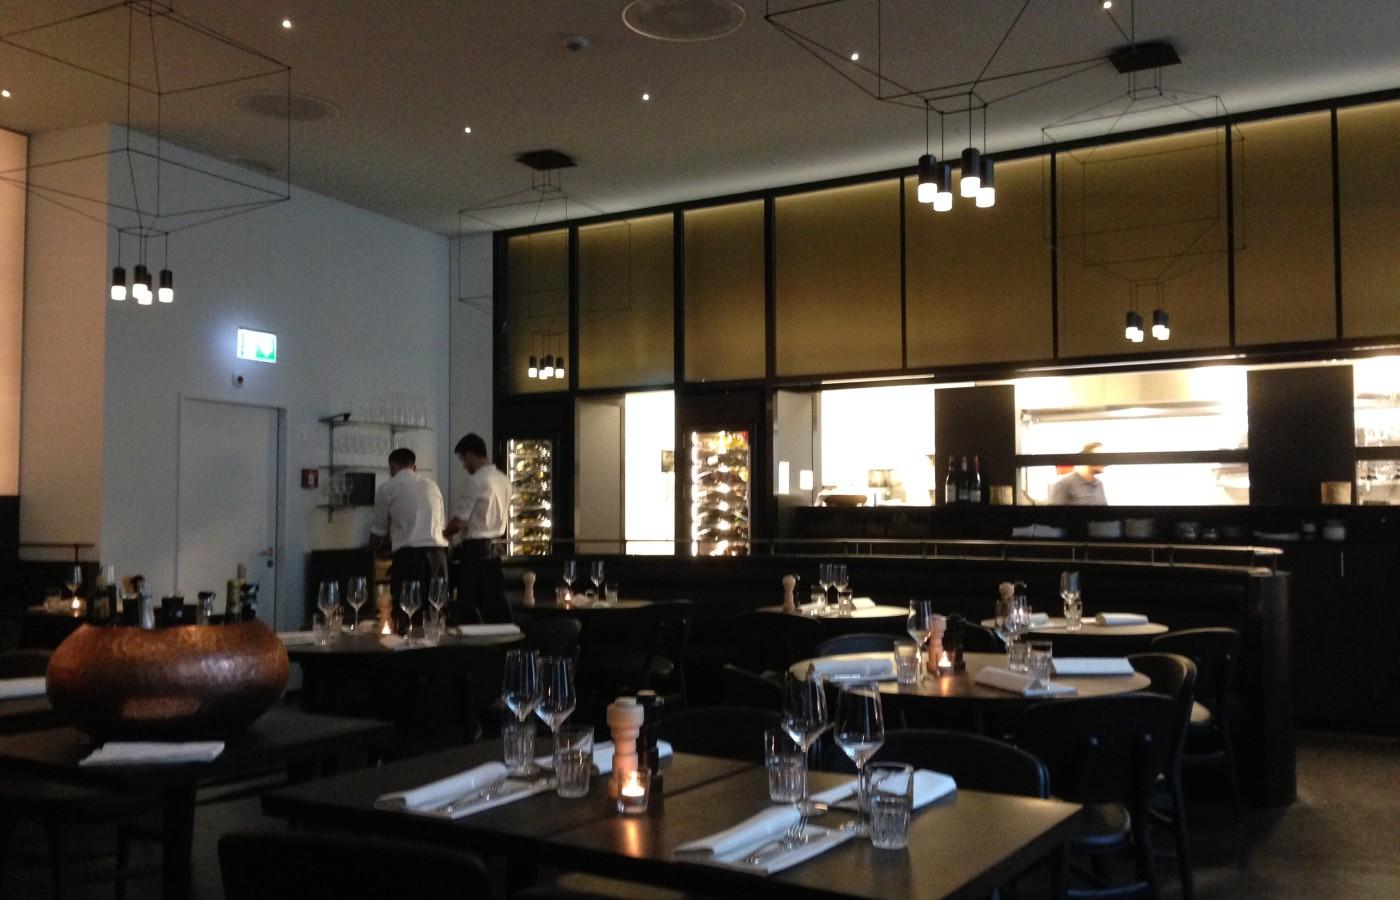 Das Restaurant Baltho